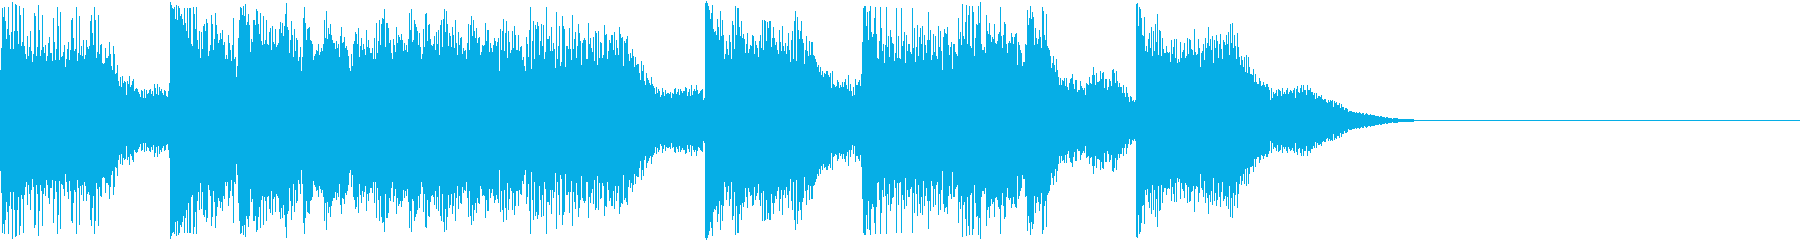 AI メカ/ロボ/マシン動作音 40の再生済みの波形